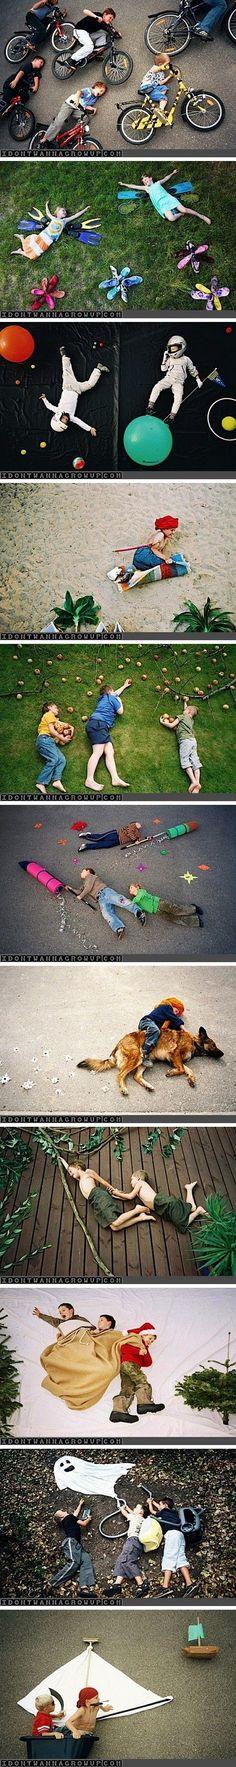 Auf dem Boden liegend werden auf einmal ganz neue Motive möglich! #kinder #foto #idee